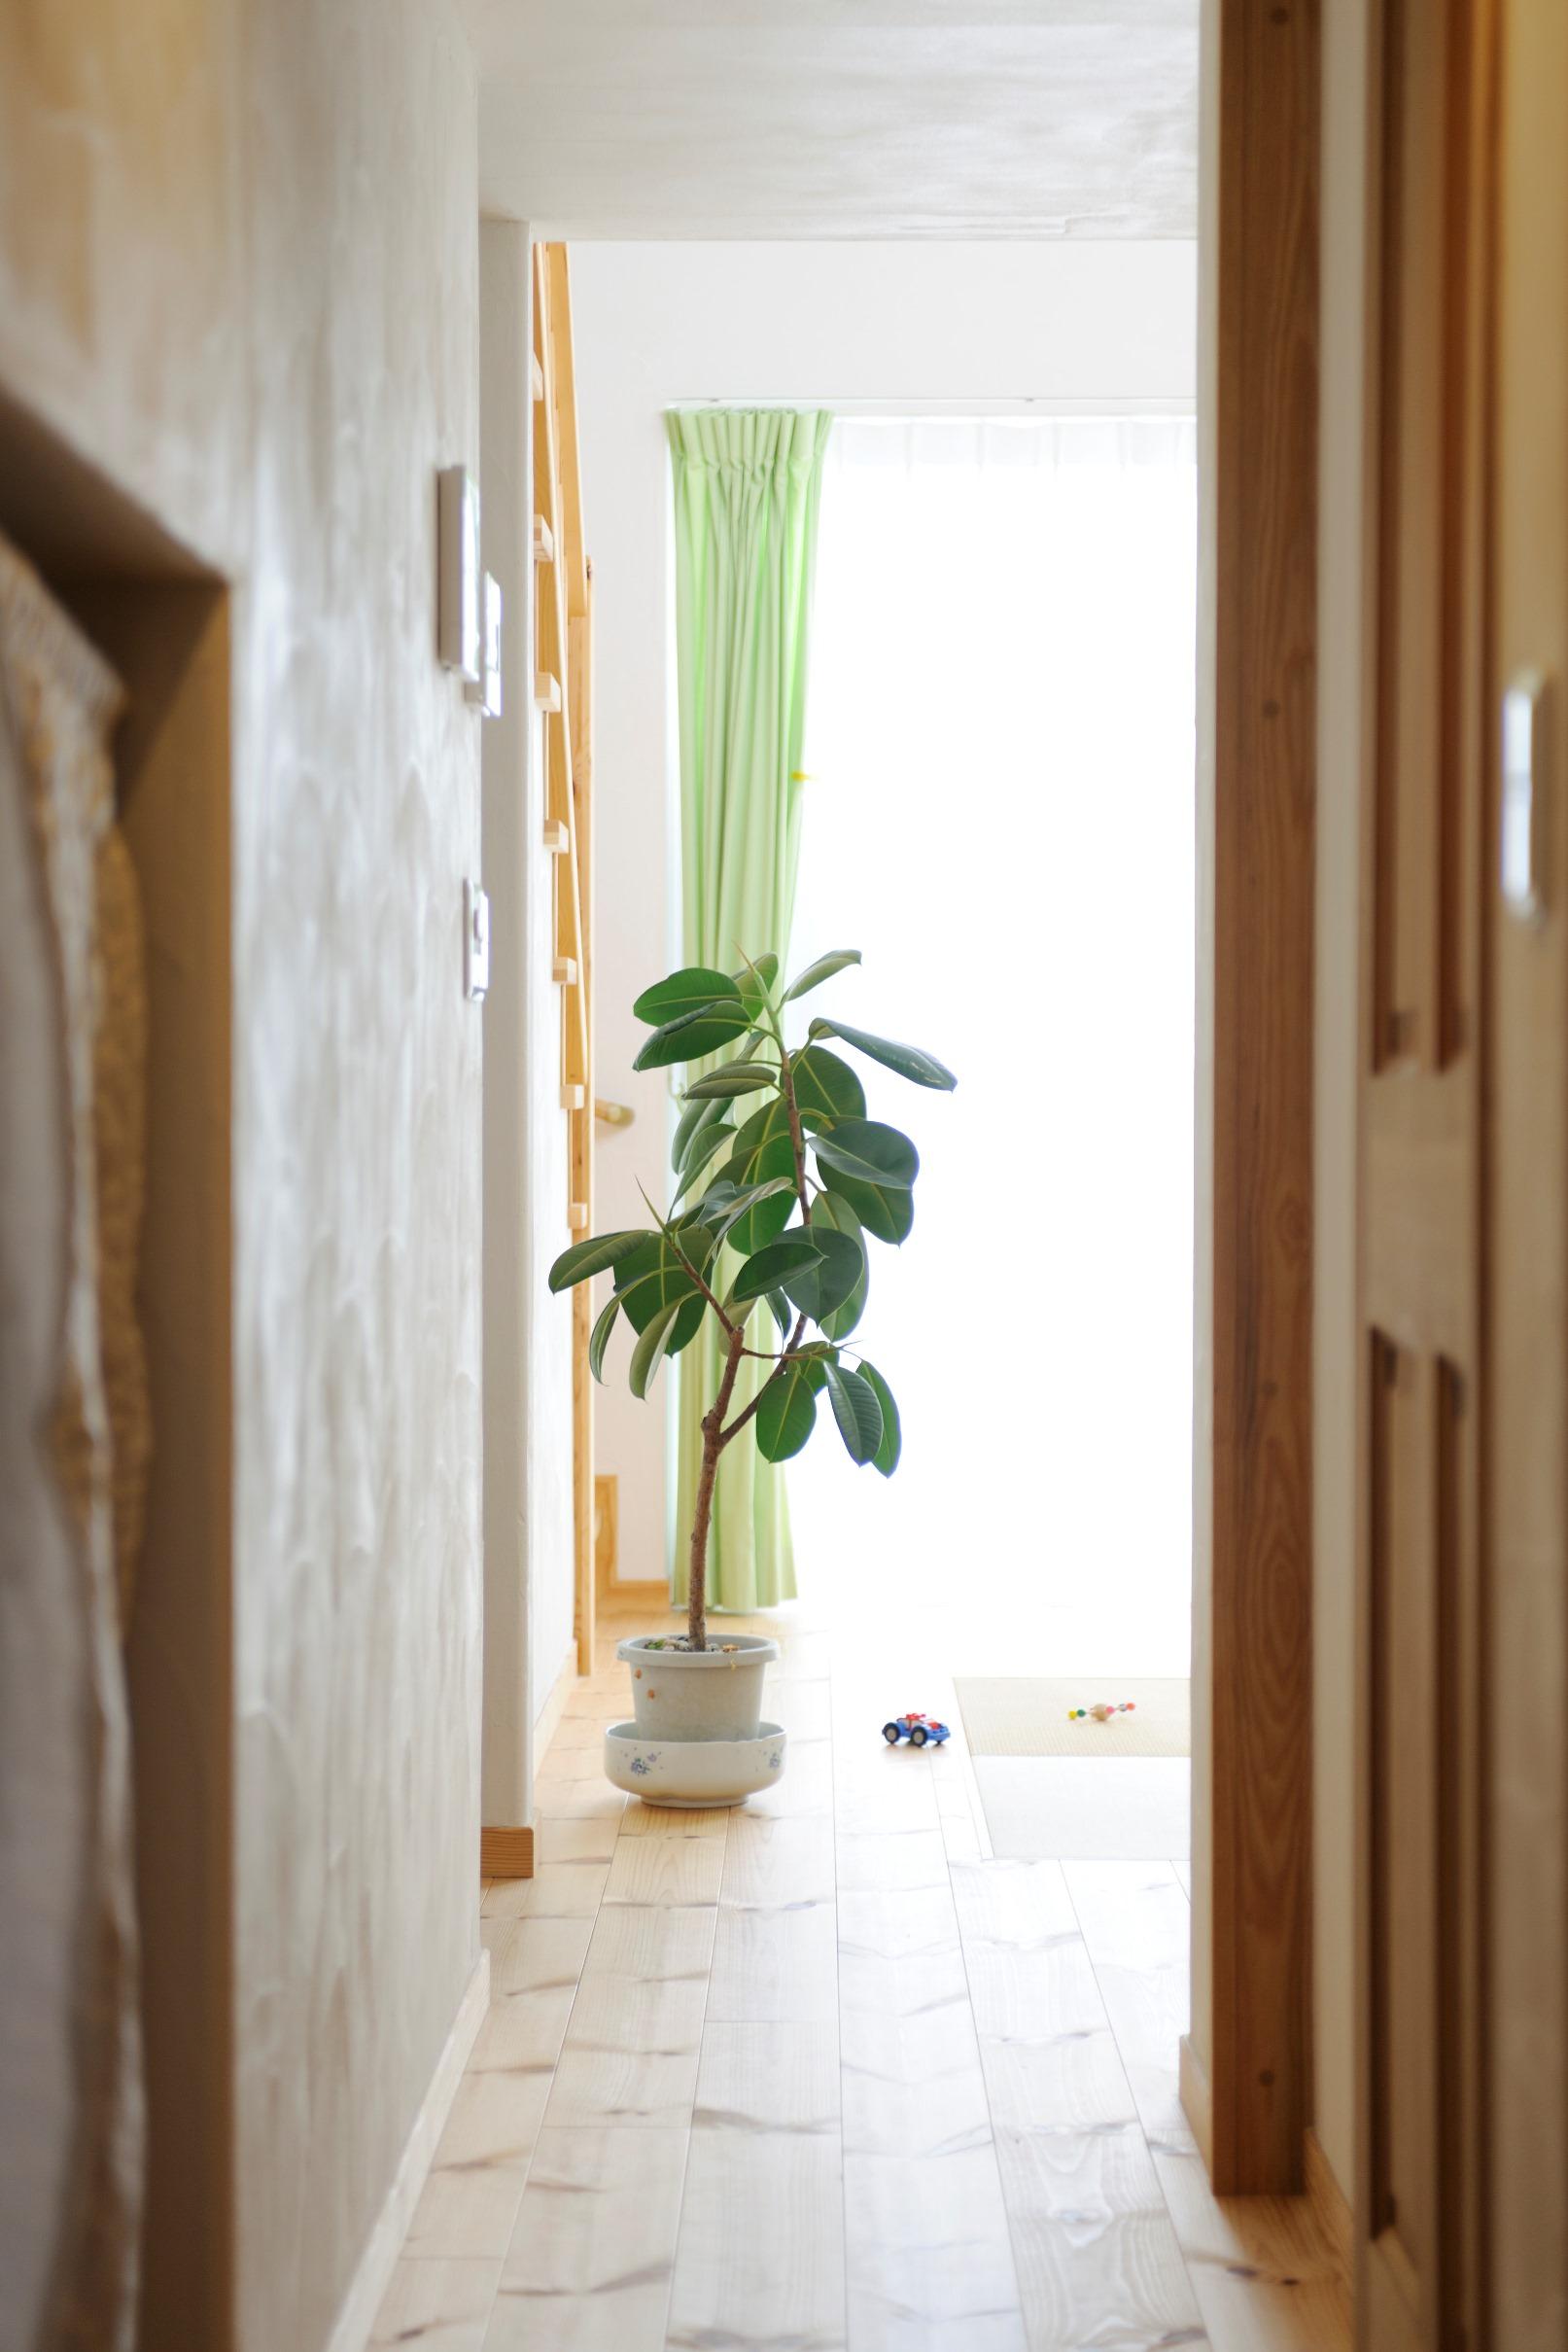 回遊動線の一部として、2つの階段と全ての部屋を繋いでくれる 機能的な廊下